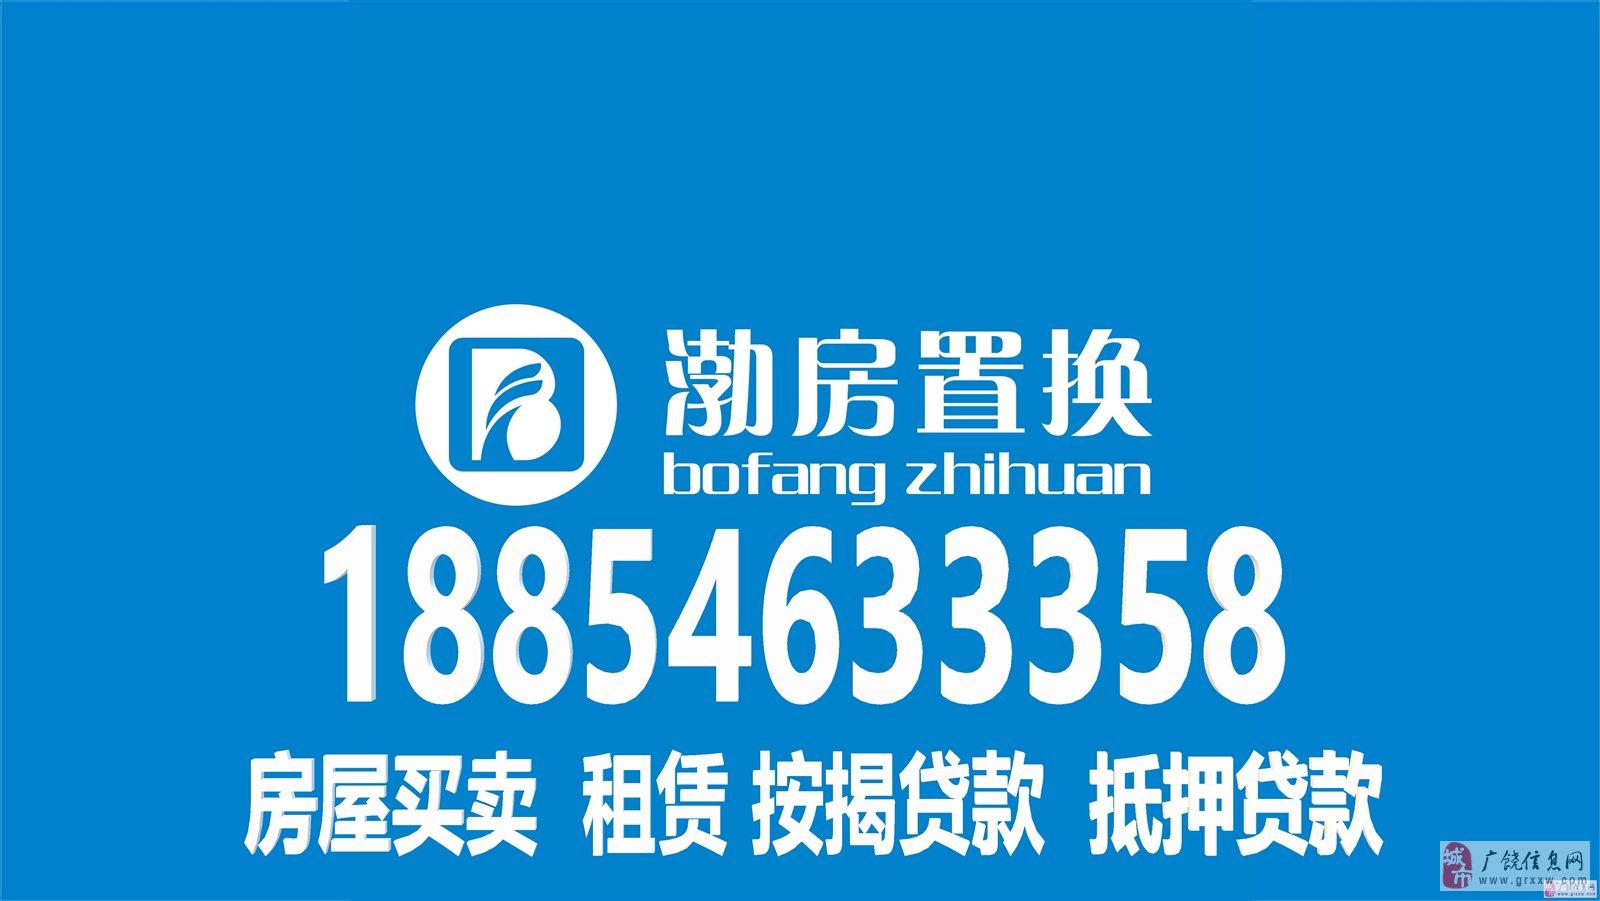 【急售+免税】渤海御苑3楼150平精装带车位+储120万